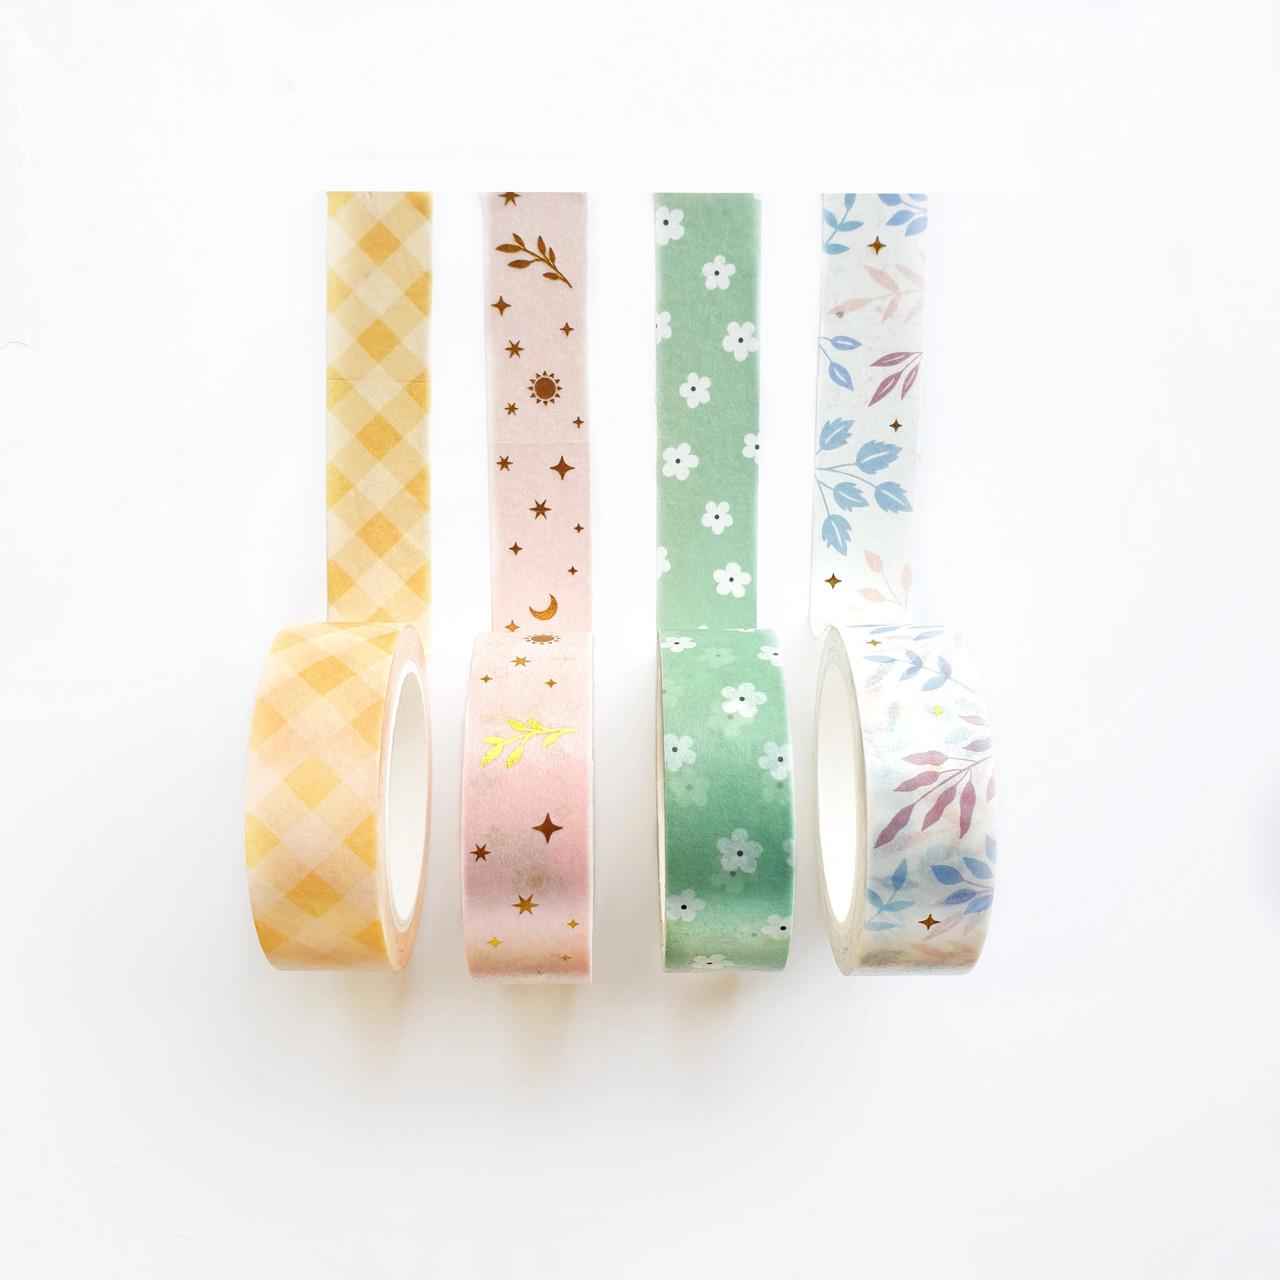 Joys of Spring Washi Tape Set - WT301 - 4 rolls